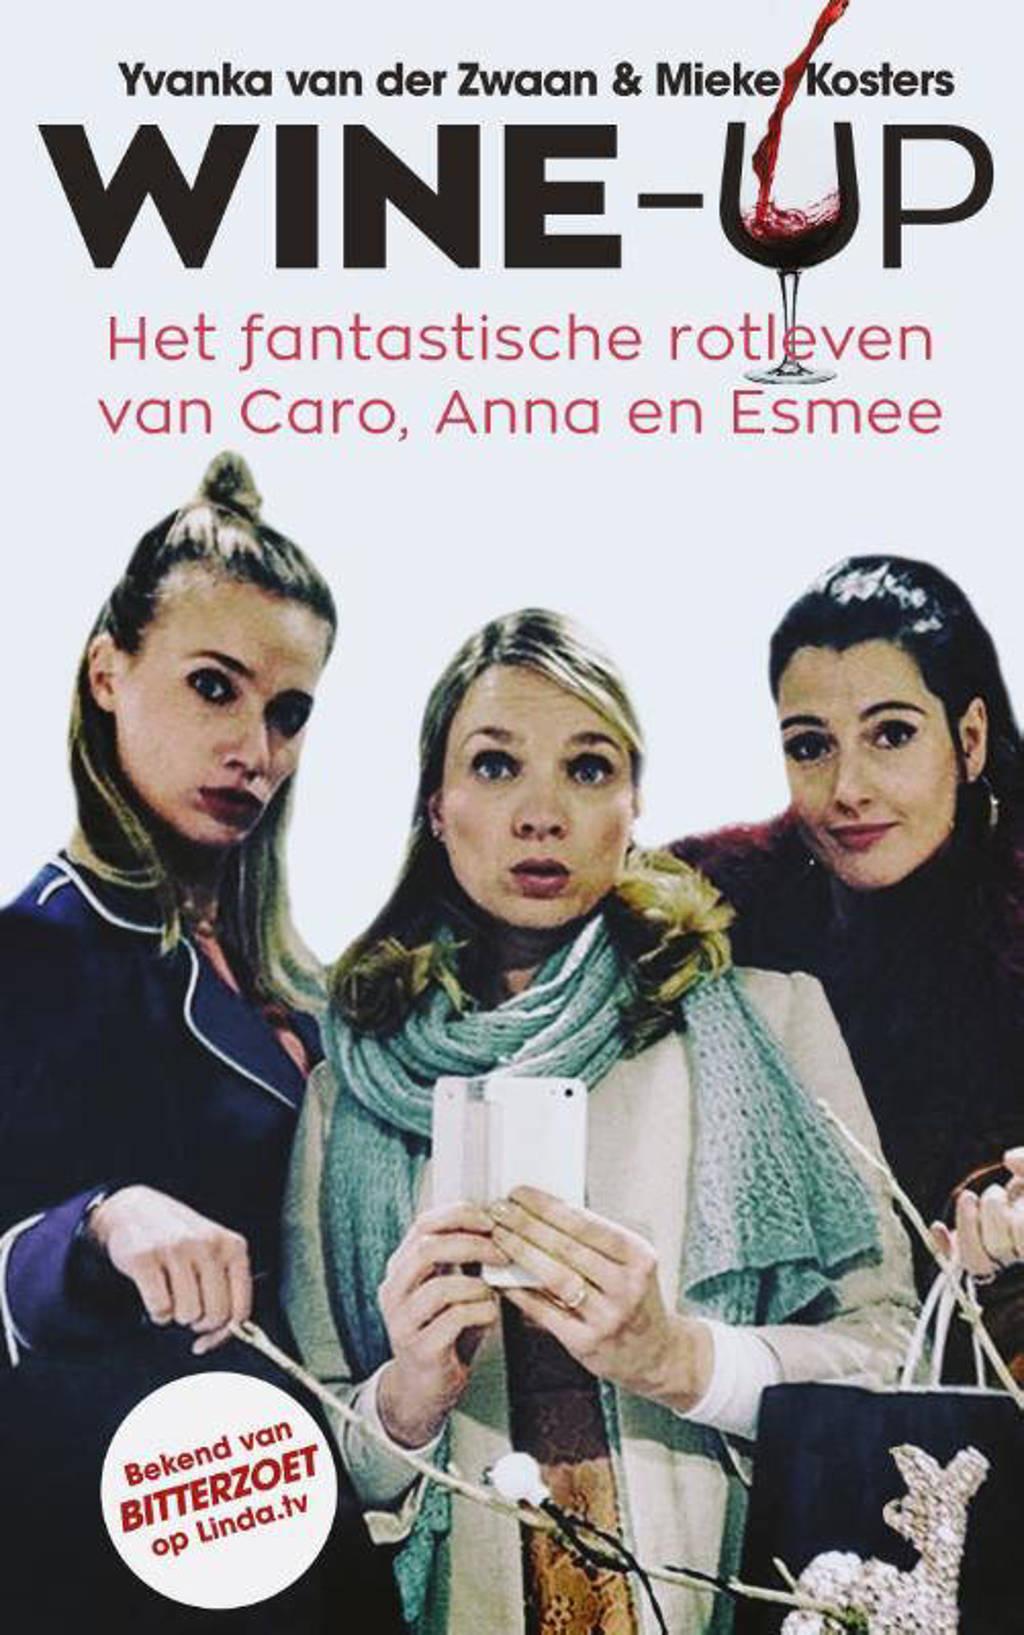 Wine-up - Mieke Kosters en Yvanka van der Zwaan